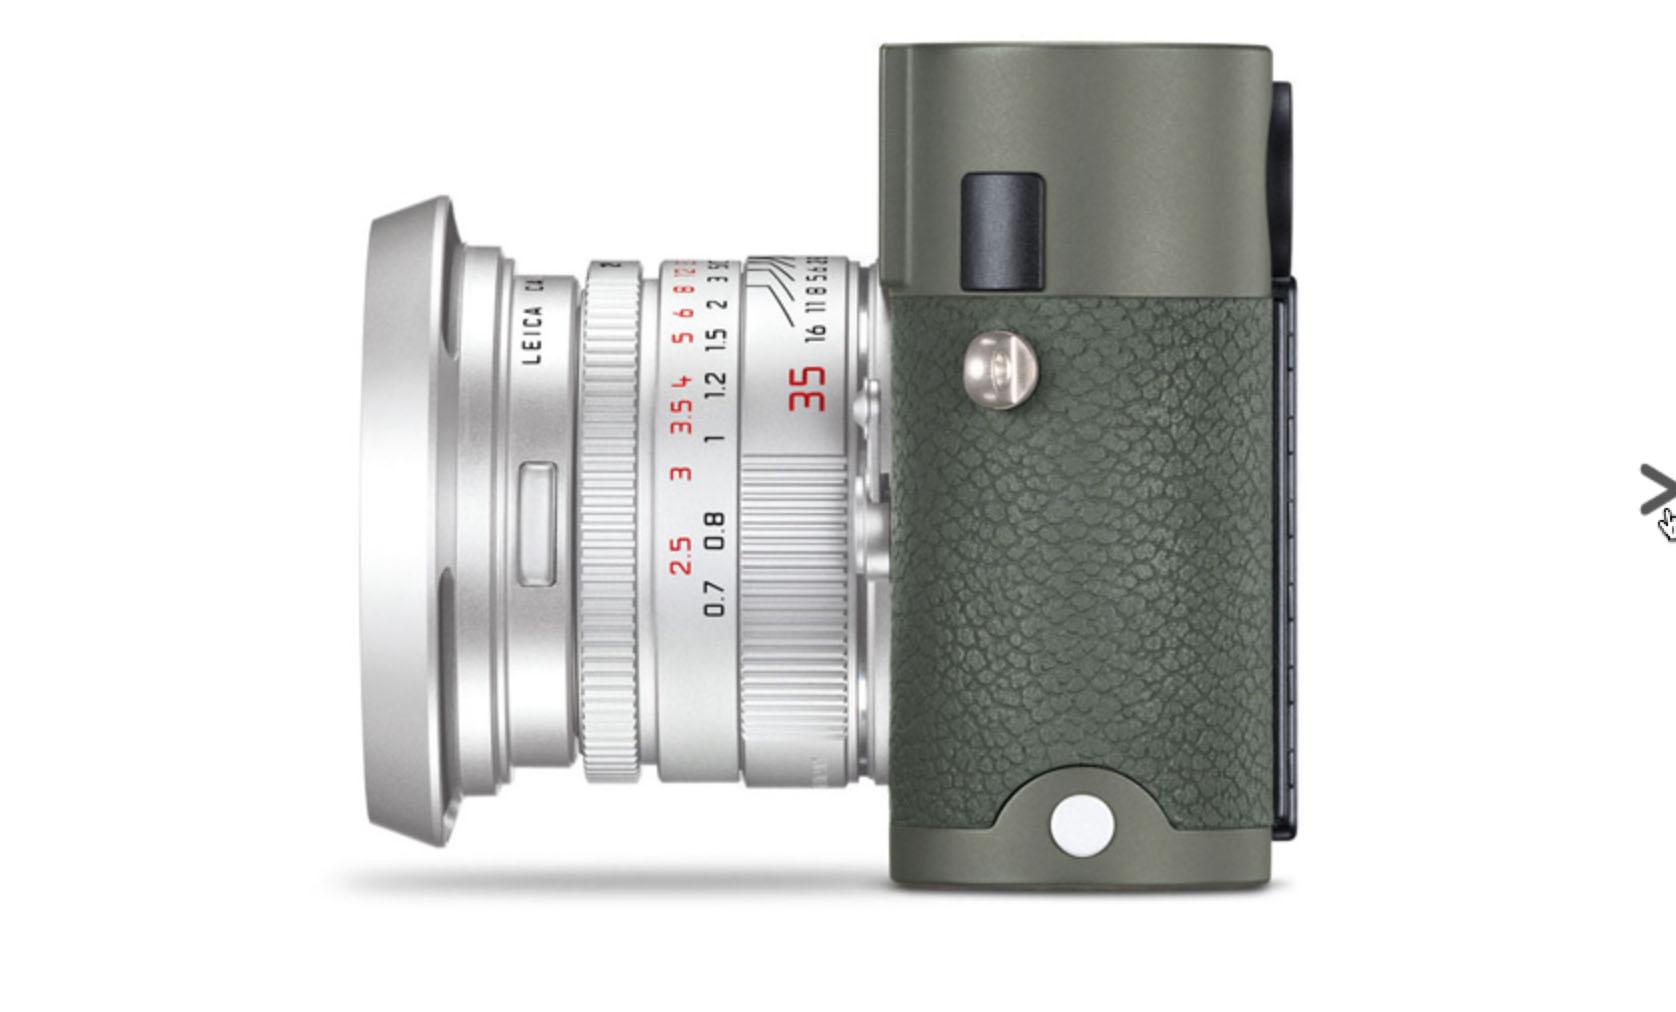 Leica_0001_Layer 5